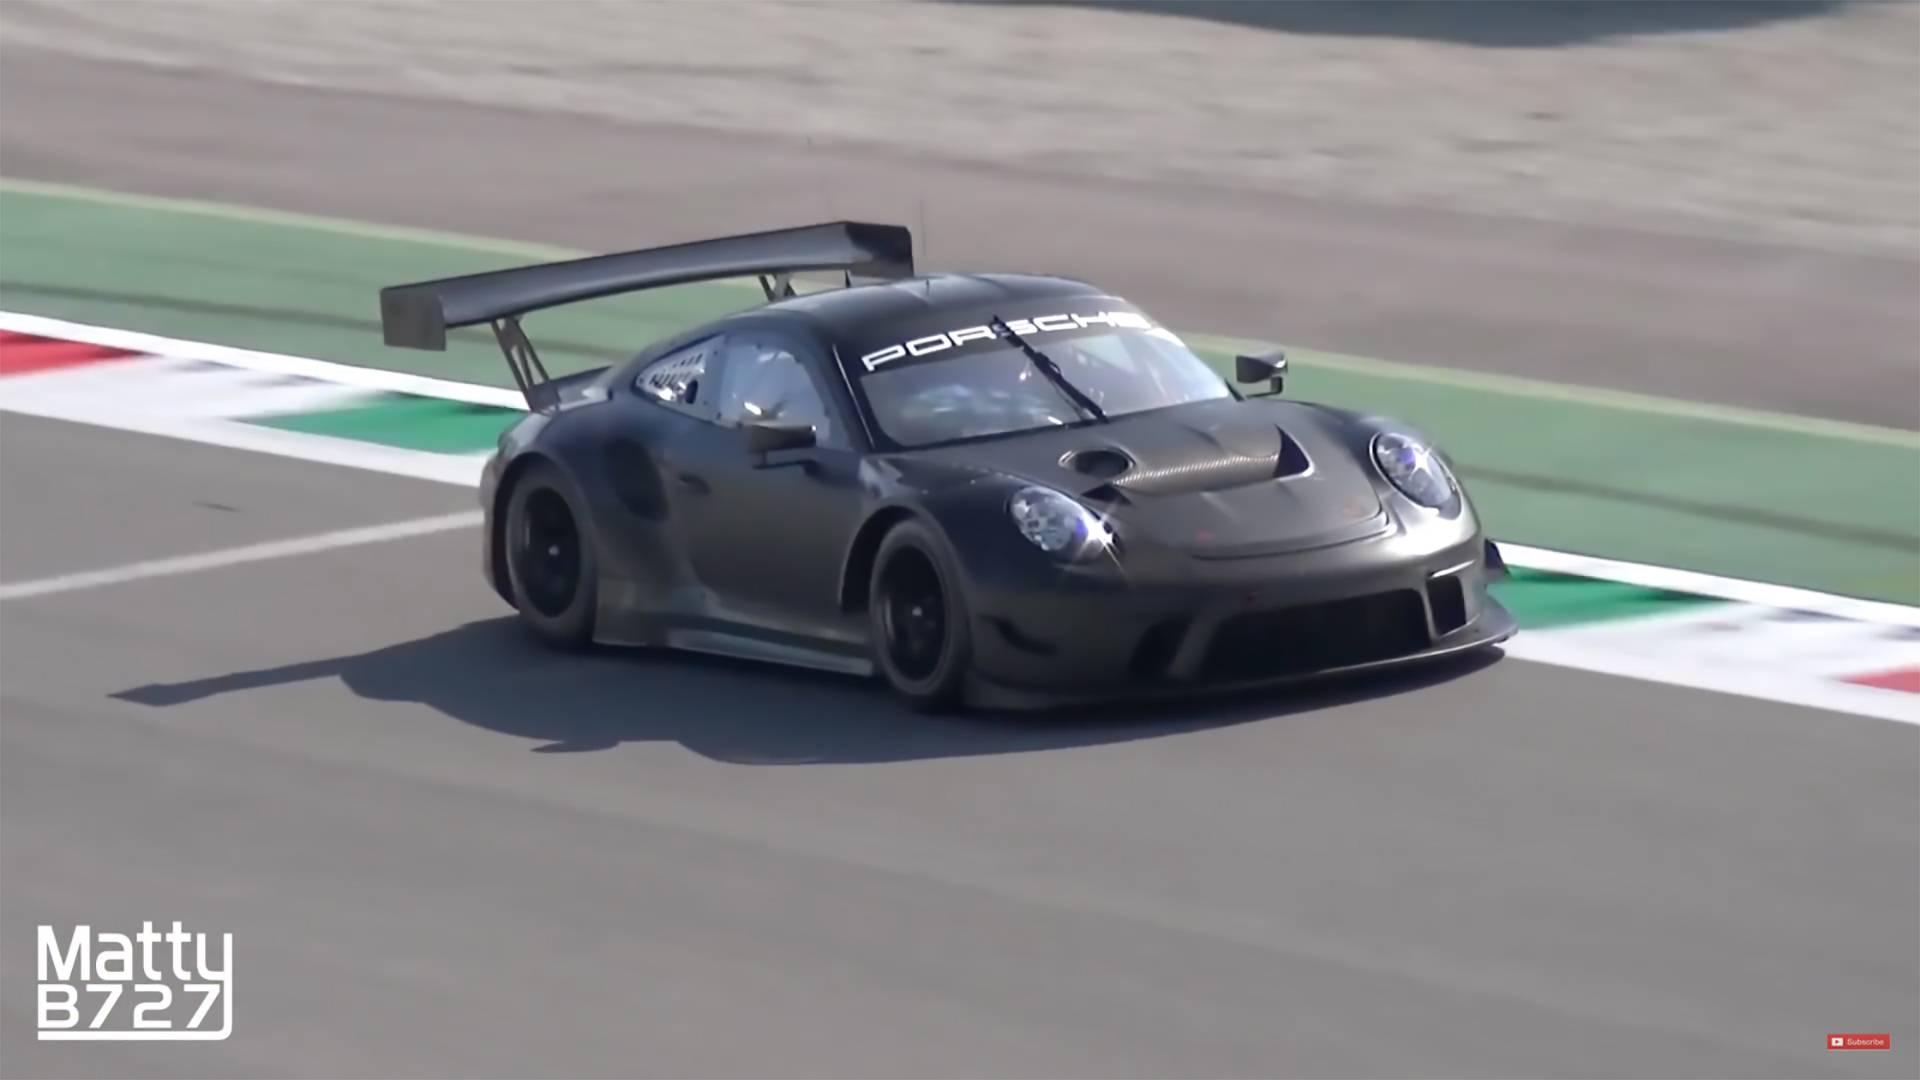 2019 Porsche 911 GT3 R Sounds Ferocious During Monza Test on porsche gt2 race car, lotus exige gt race car, bmw x5 race car, aston martin db4 gt race car, porsche 911 gt3 rally car, toyota supra gt race car, dodge dart gt race car, ferrari 456m gt race car, pontiac fiero gt race car, mercedes amg gt race car, porsche 911 sc race car, nissan juke race car, porsche 911 hybrid race car, ferrari f50 gt race car, porsche 918 spyder car, nissan 350z gt race car, porsche panamera race car, bugatti veyron gt race car, ferrari 250 gt race car, porsche gt3 race cars,